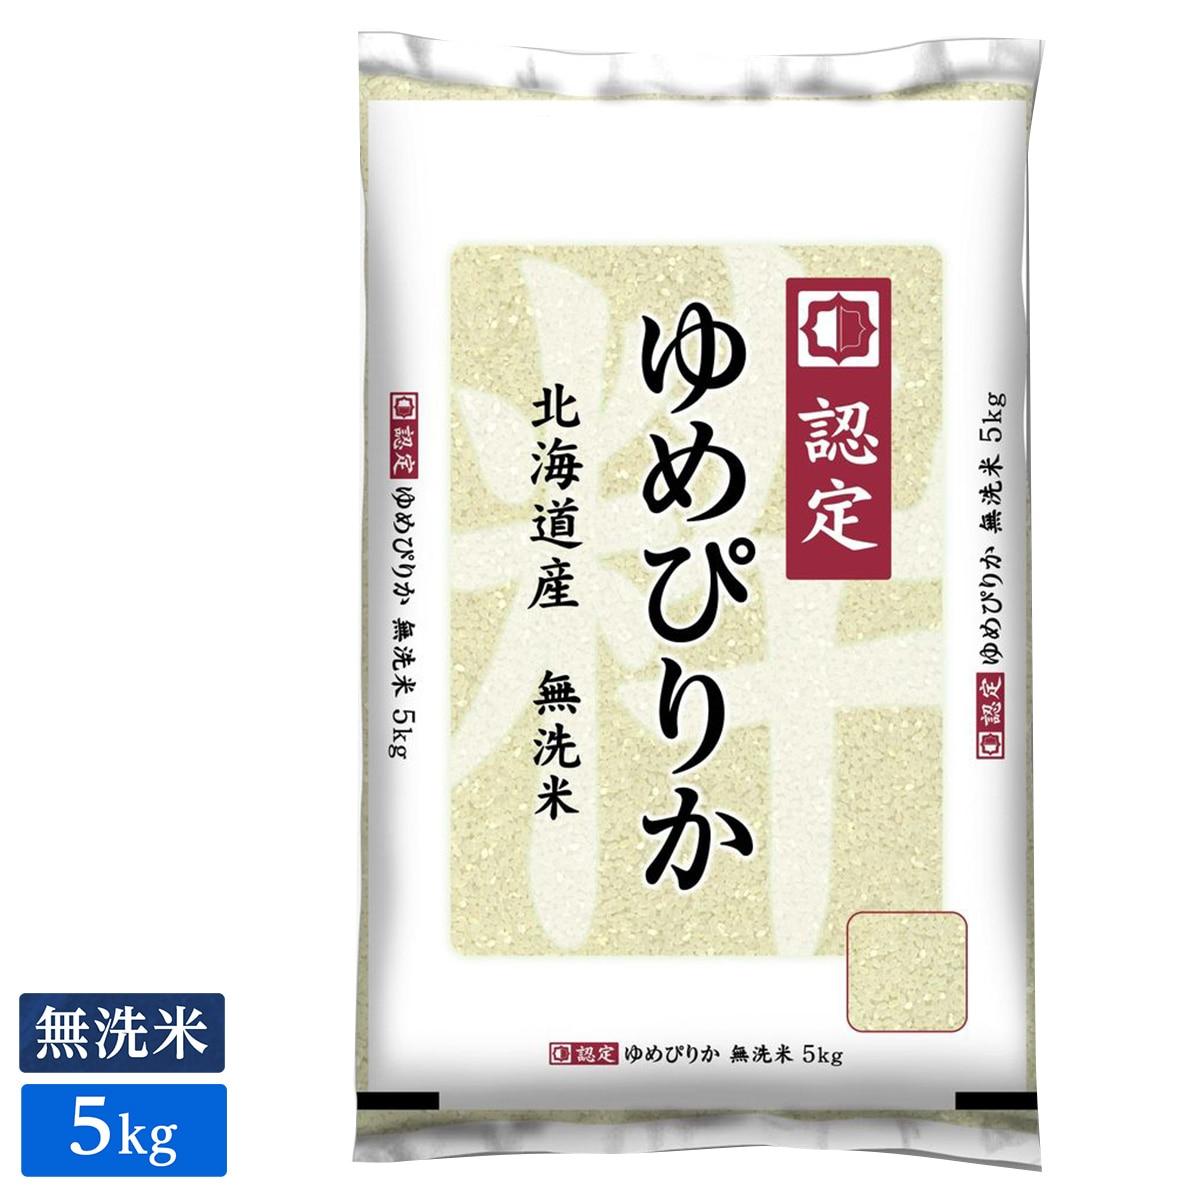 越後ファーム ■【精米】【無洗米】令和元年産 北海道ゆめぴりか 5kg 25694